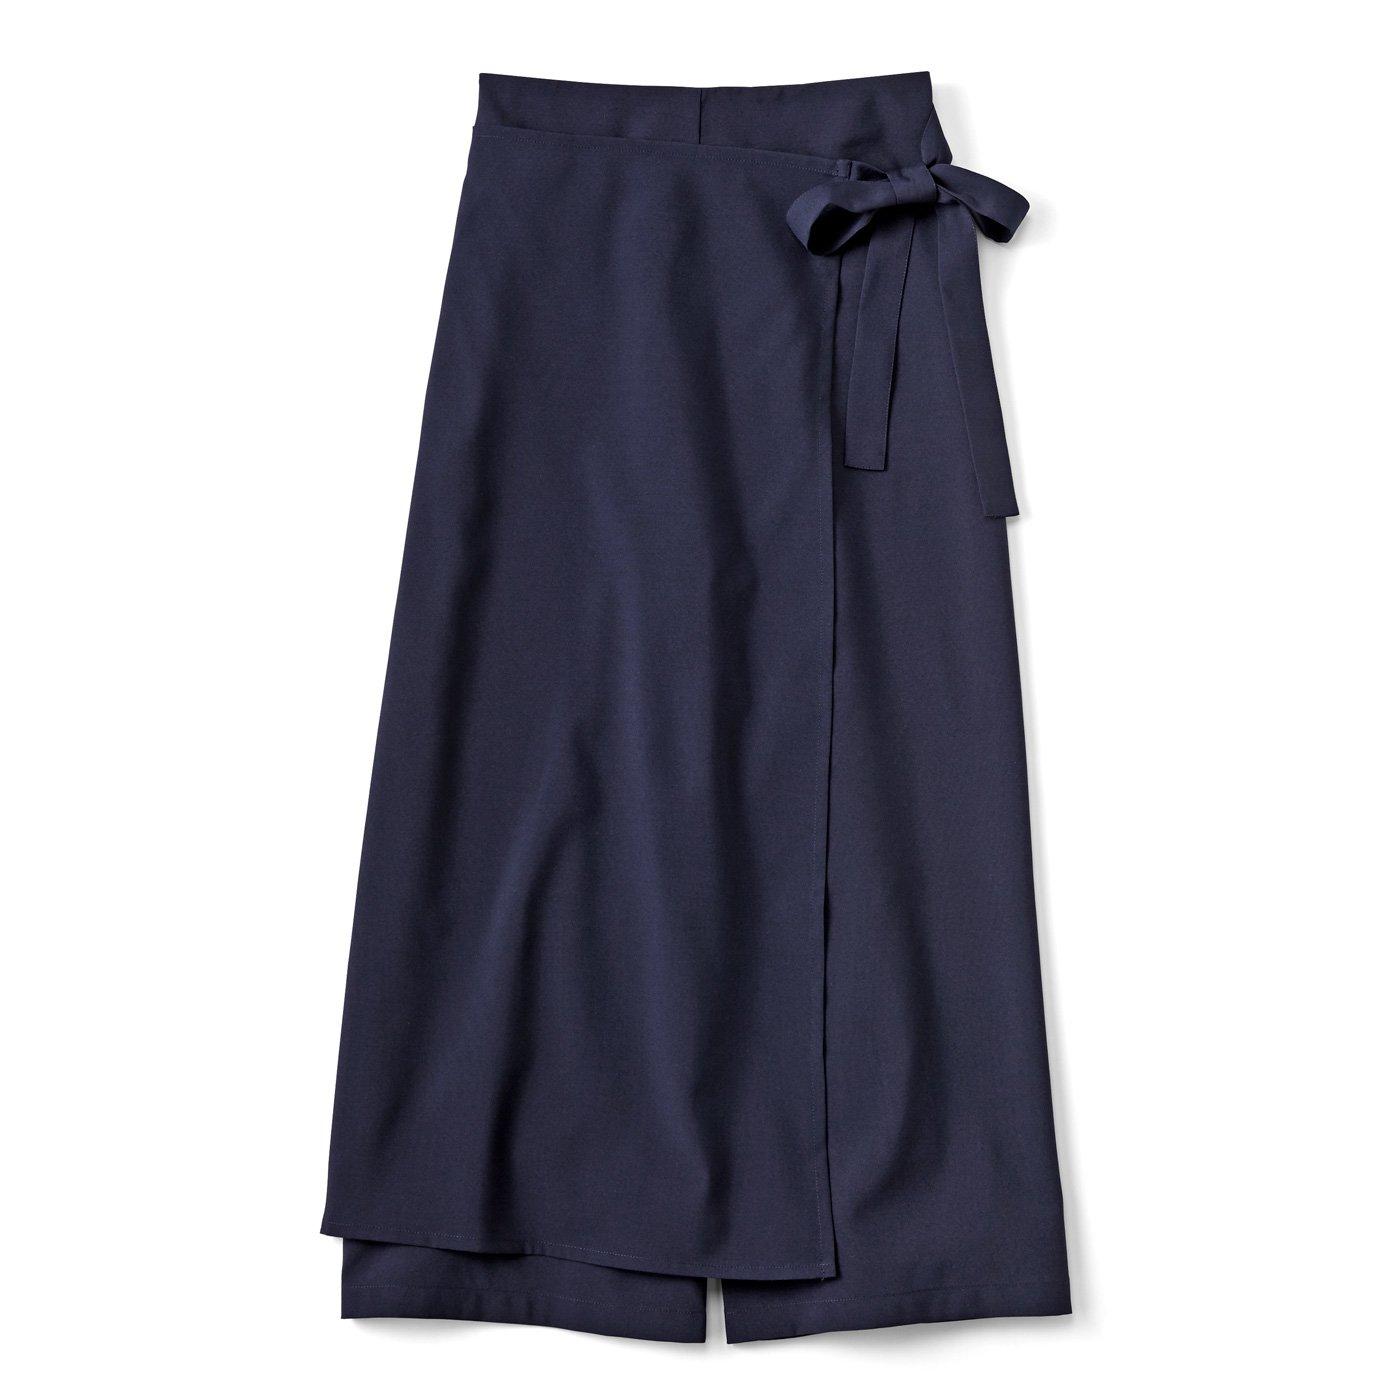 スカート見え ラップパンツ〈ネイビー〉